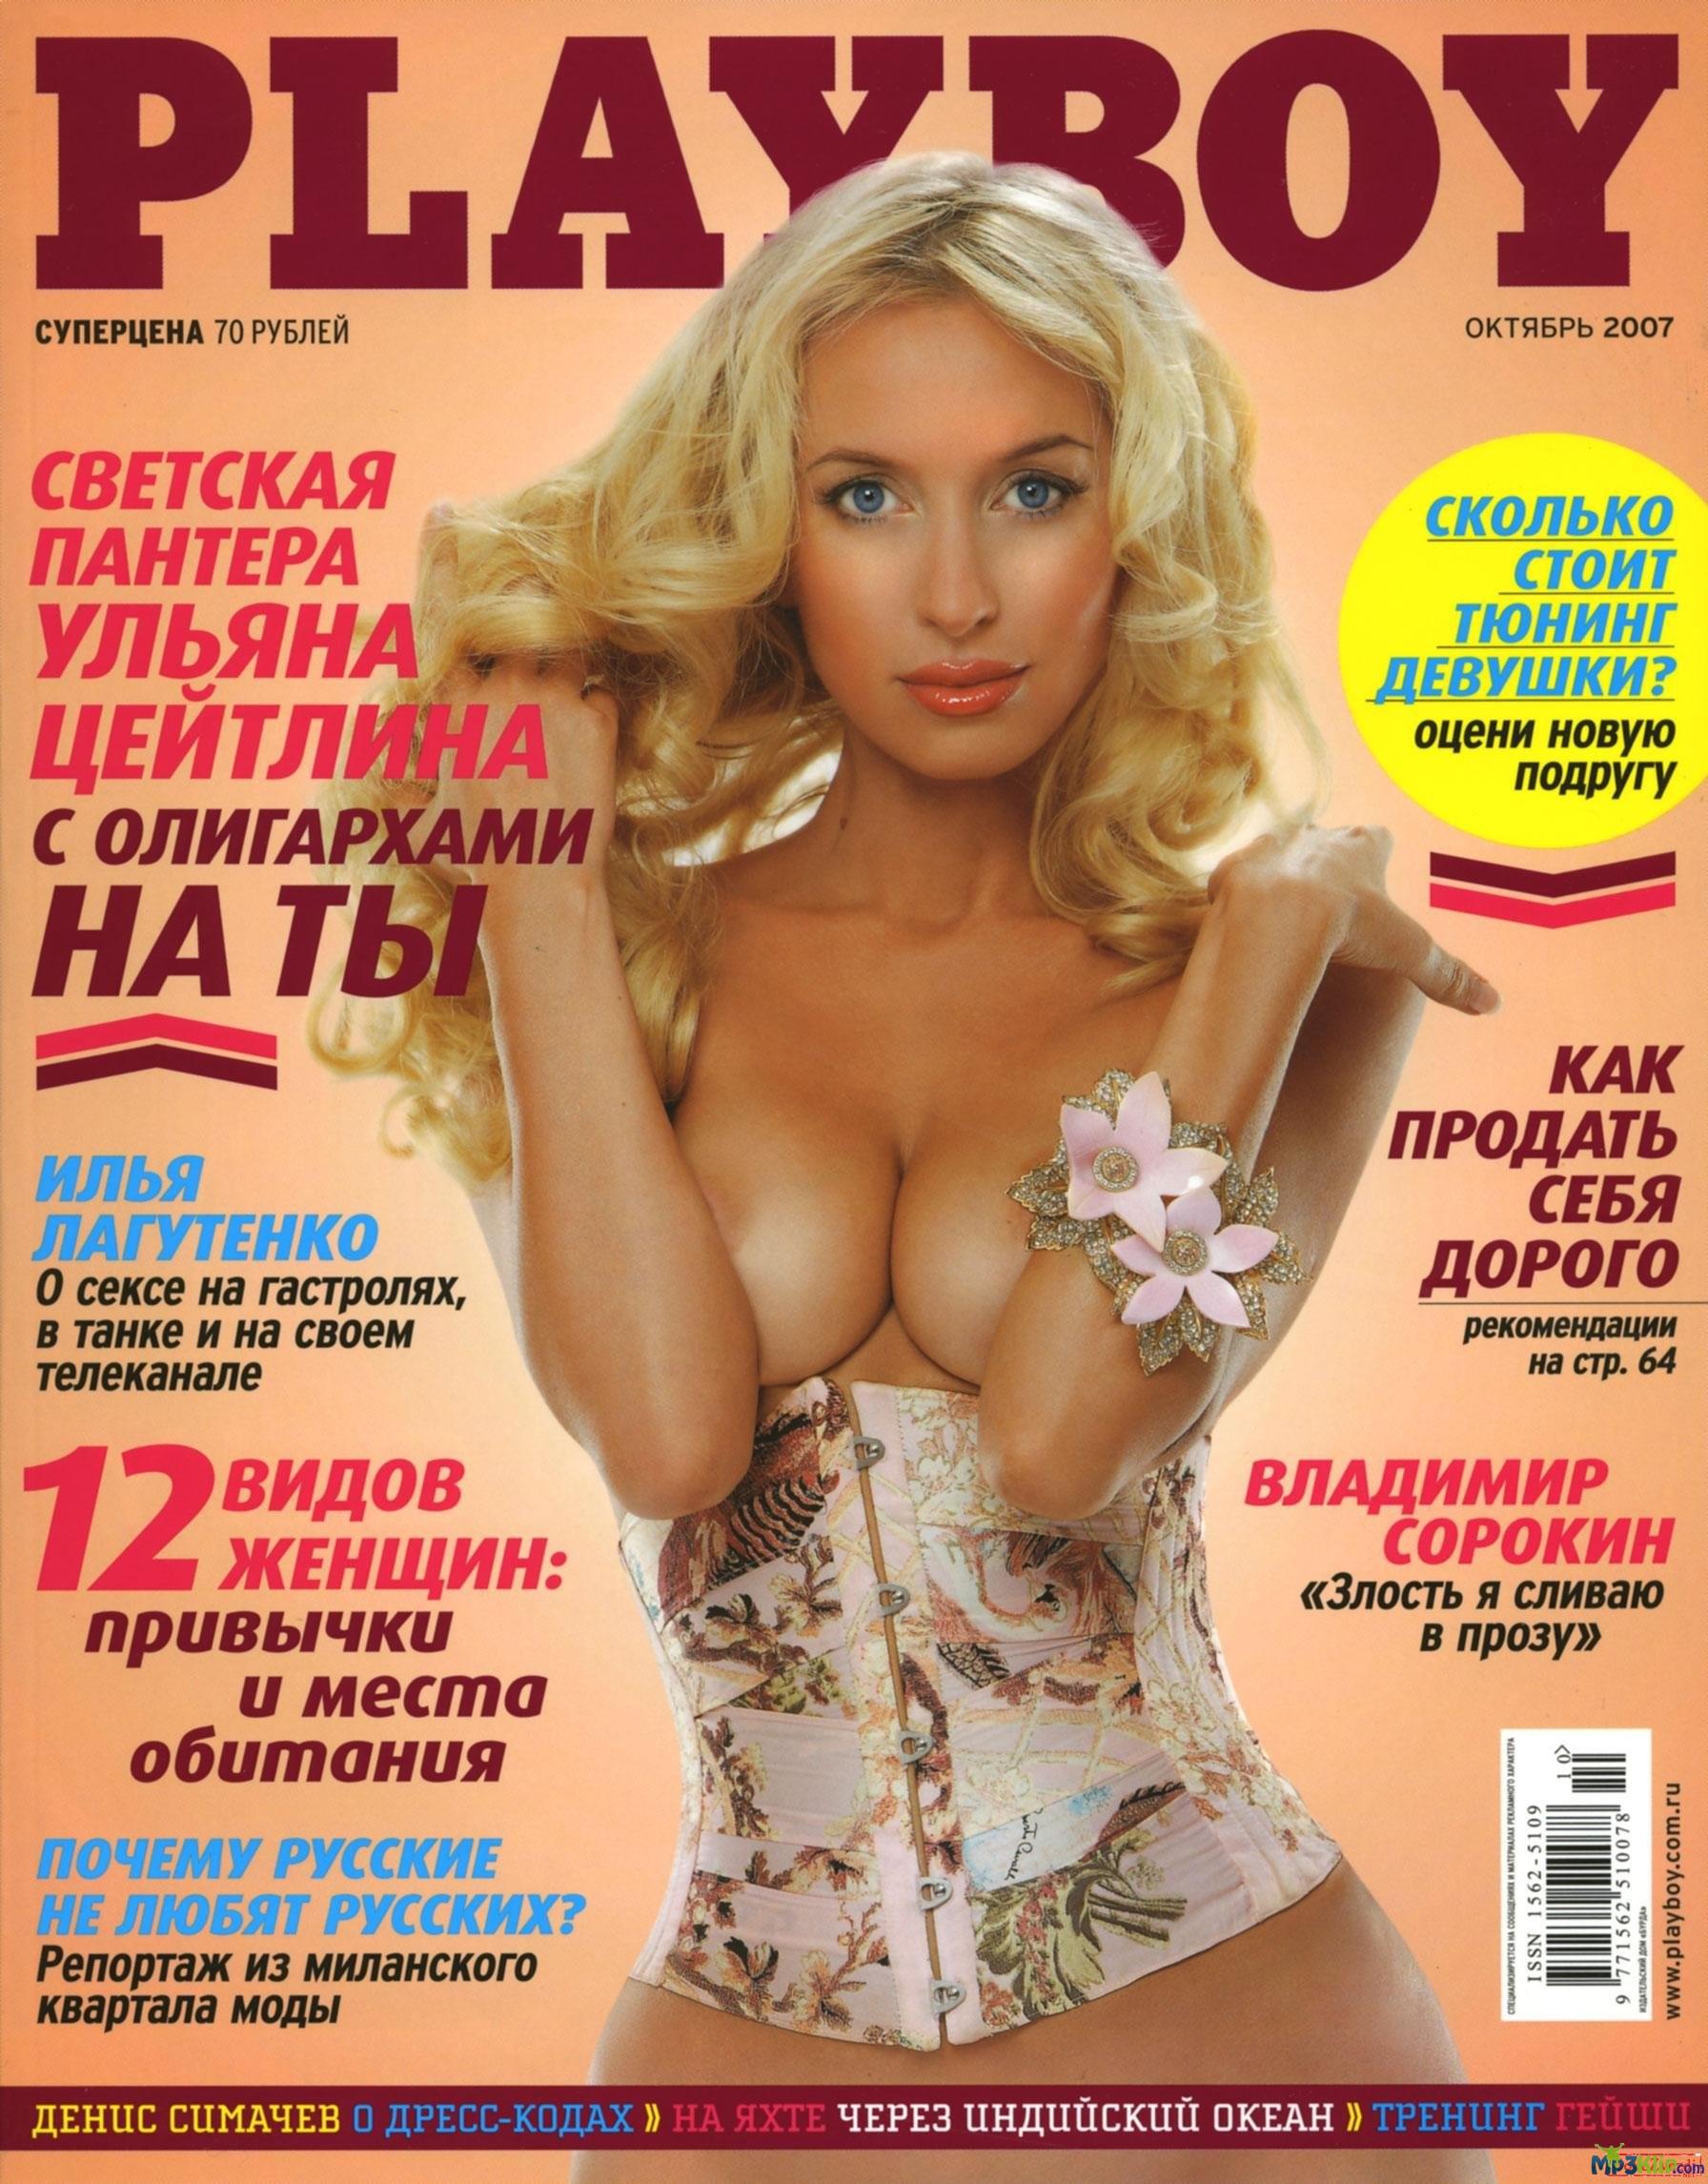 порно девушек с журналов ирка издавала